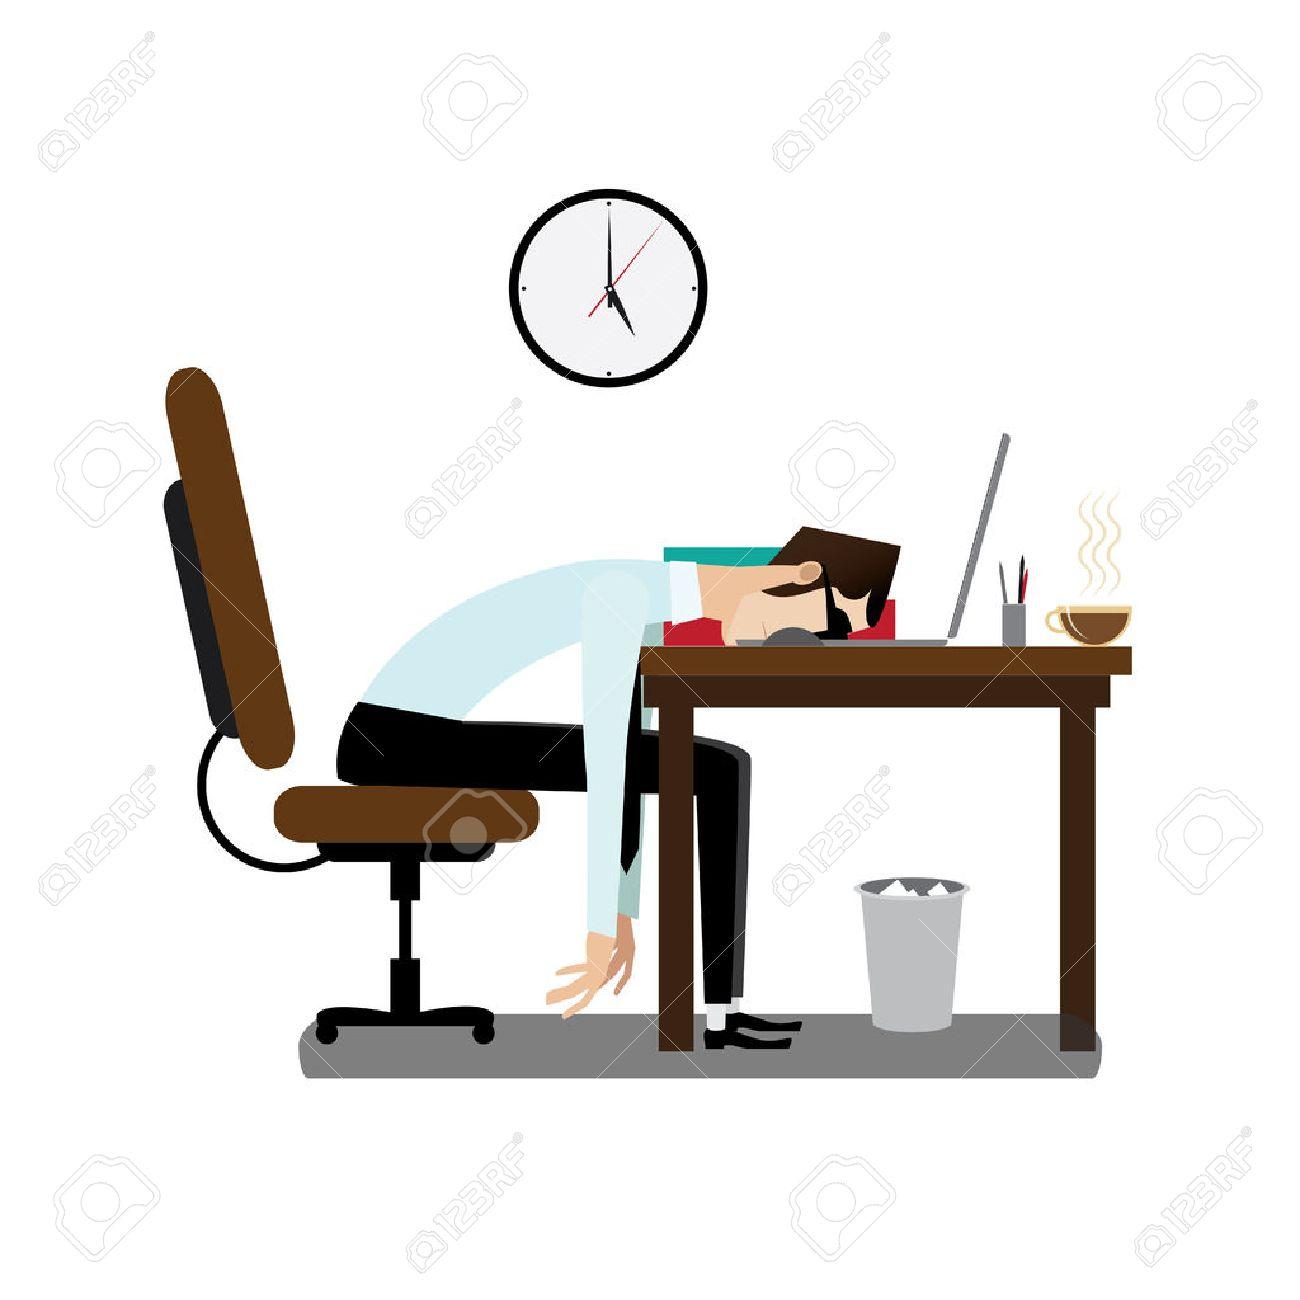 Schreibtisch büro clipart  Vektor-Illustration Auf Weißem Hintergrund Mit Abend, Müde Büro ...